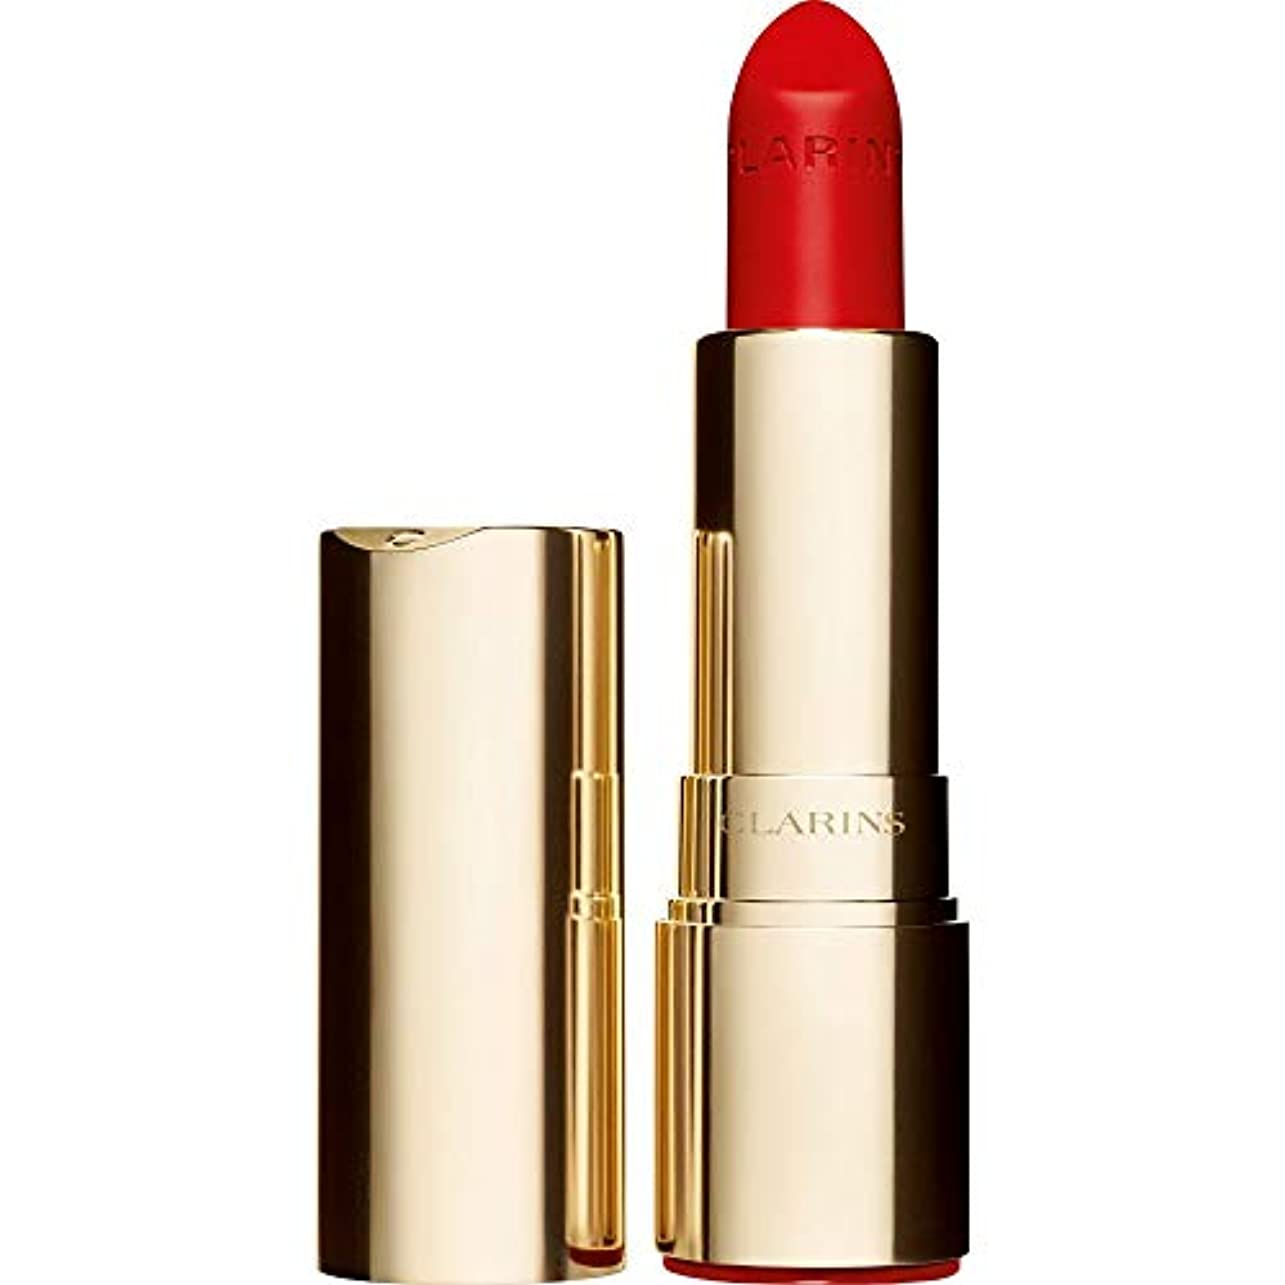 衝撃トレードにもかかわらず[Clarins ] クラランスジョリルージュのベルベットの口紅3.5グラムの741V - 赤、オレンジ - Clarins Joli Rouge Velvet Lipstick 3.5g 741V - Red Orange...